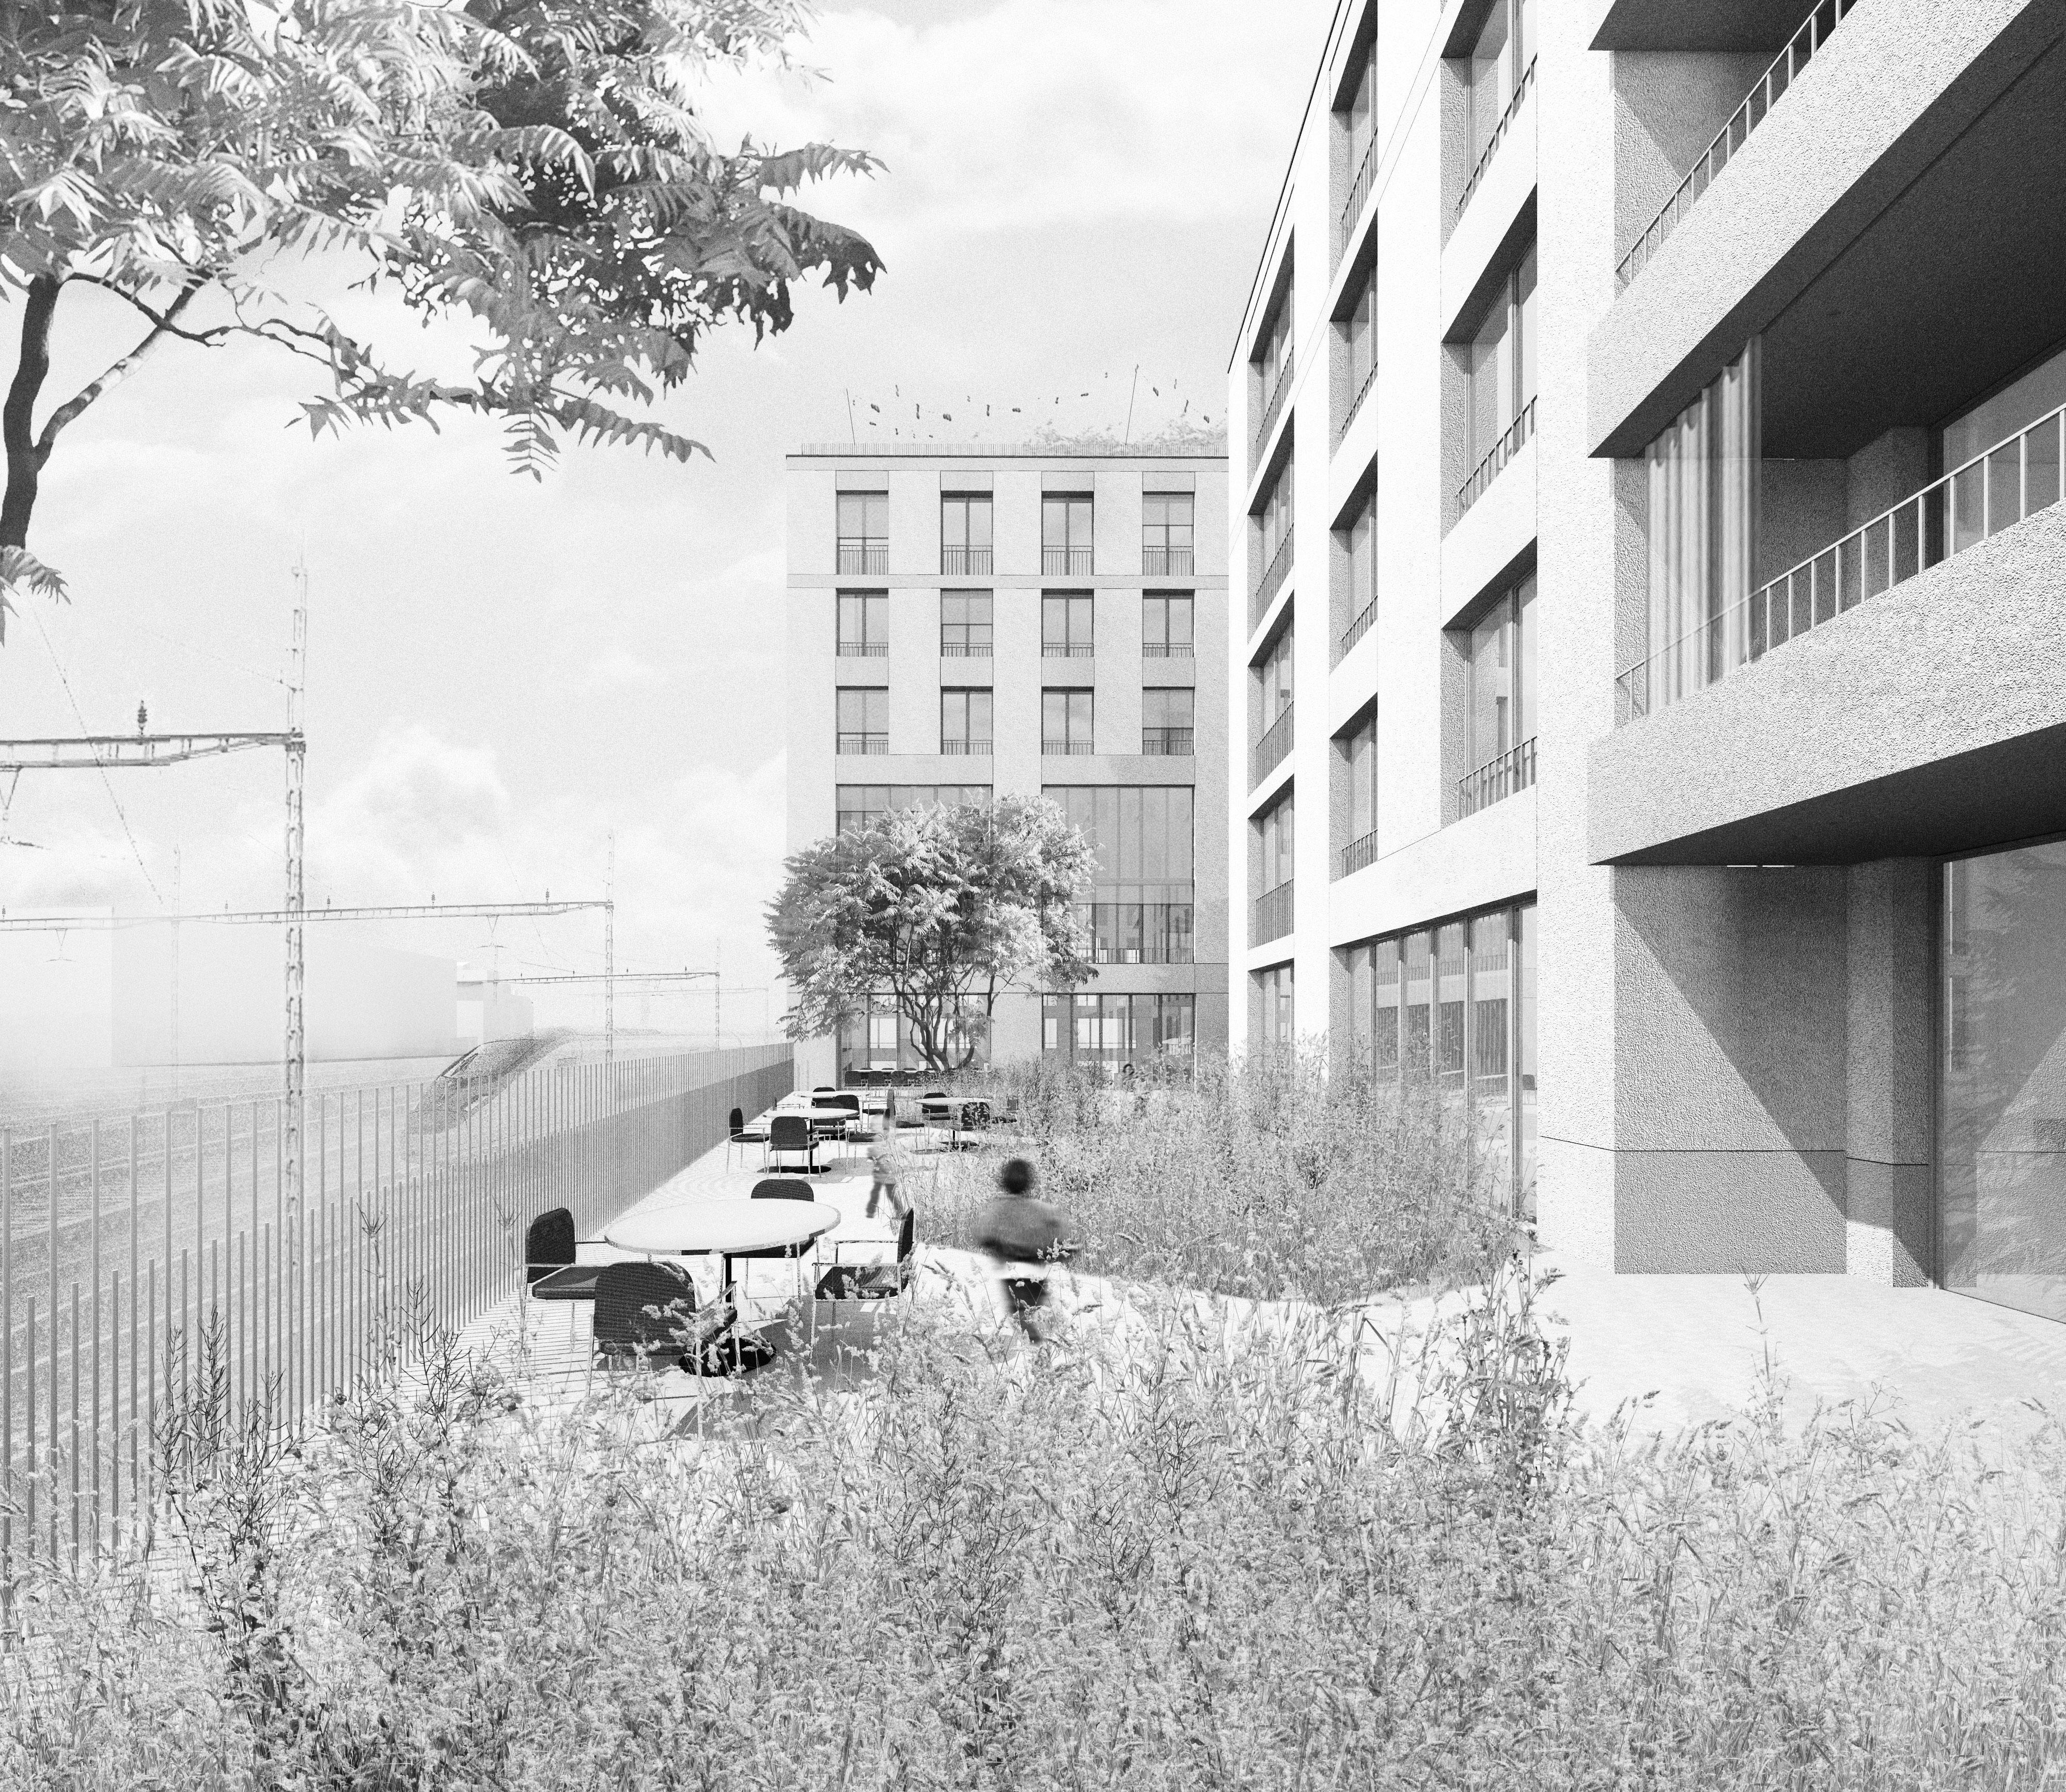 002_zol_perspektive-terrasse